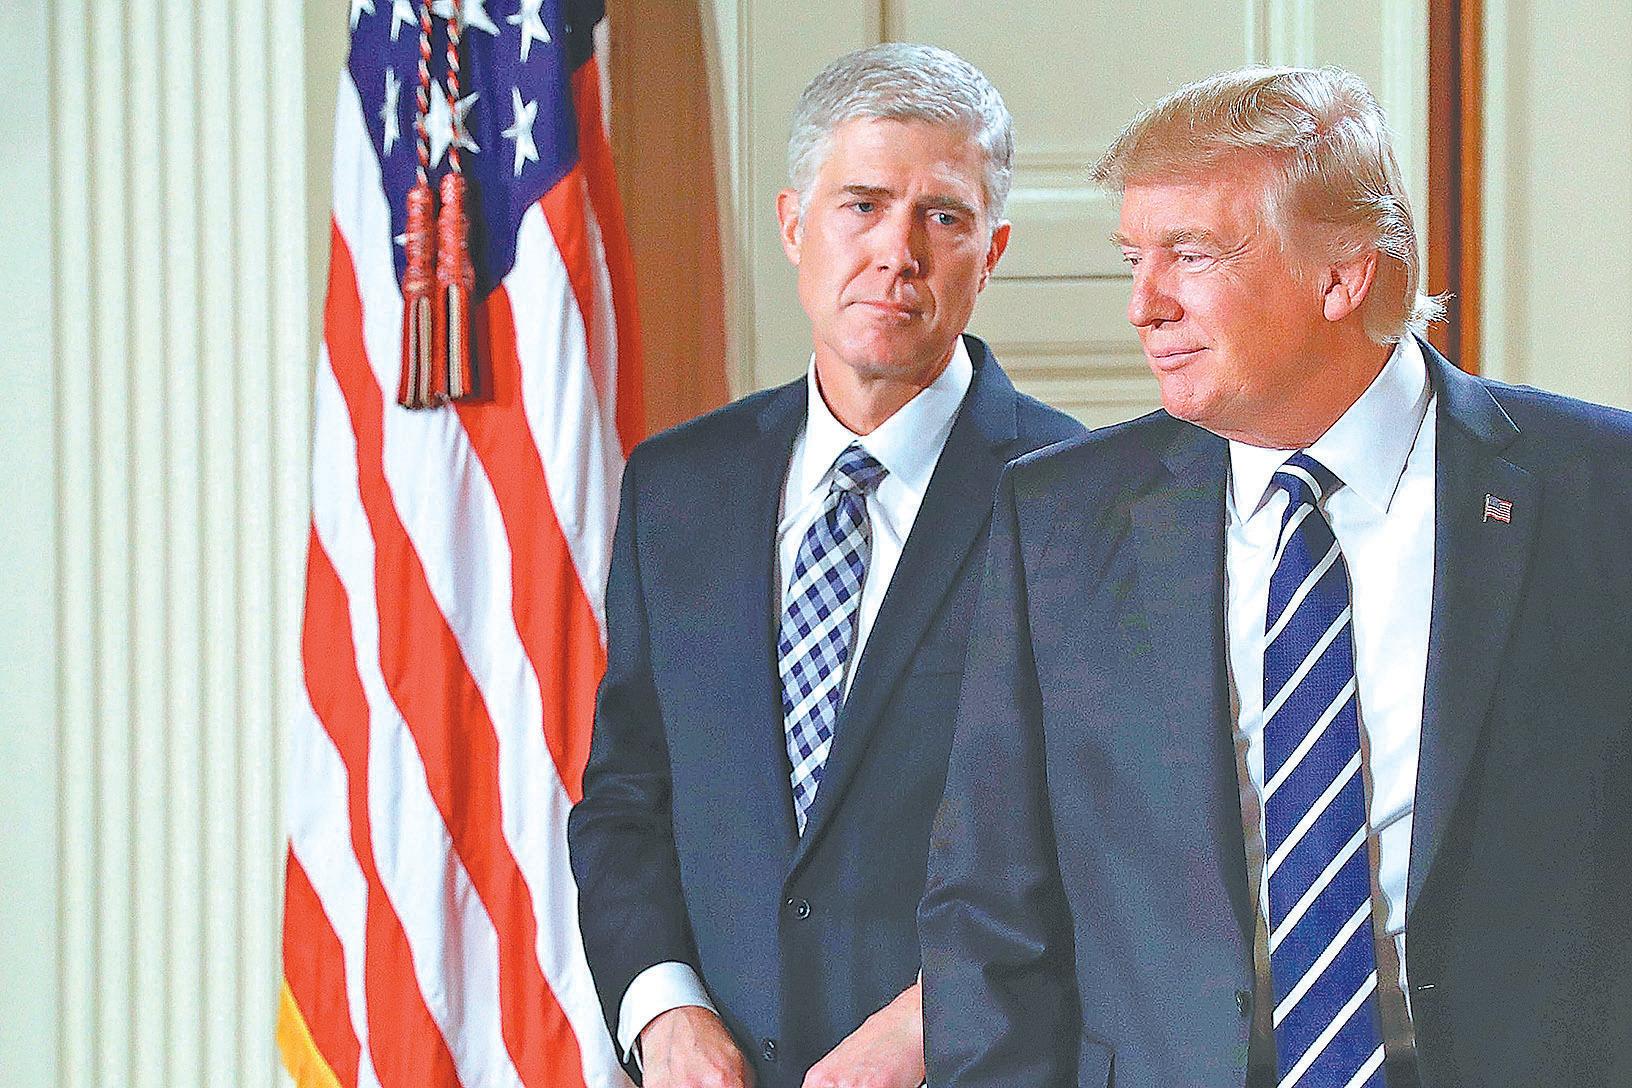 特朗普(右)正式提名戈薩奇(左)出任美國最高法院大法官。(Getty Images)